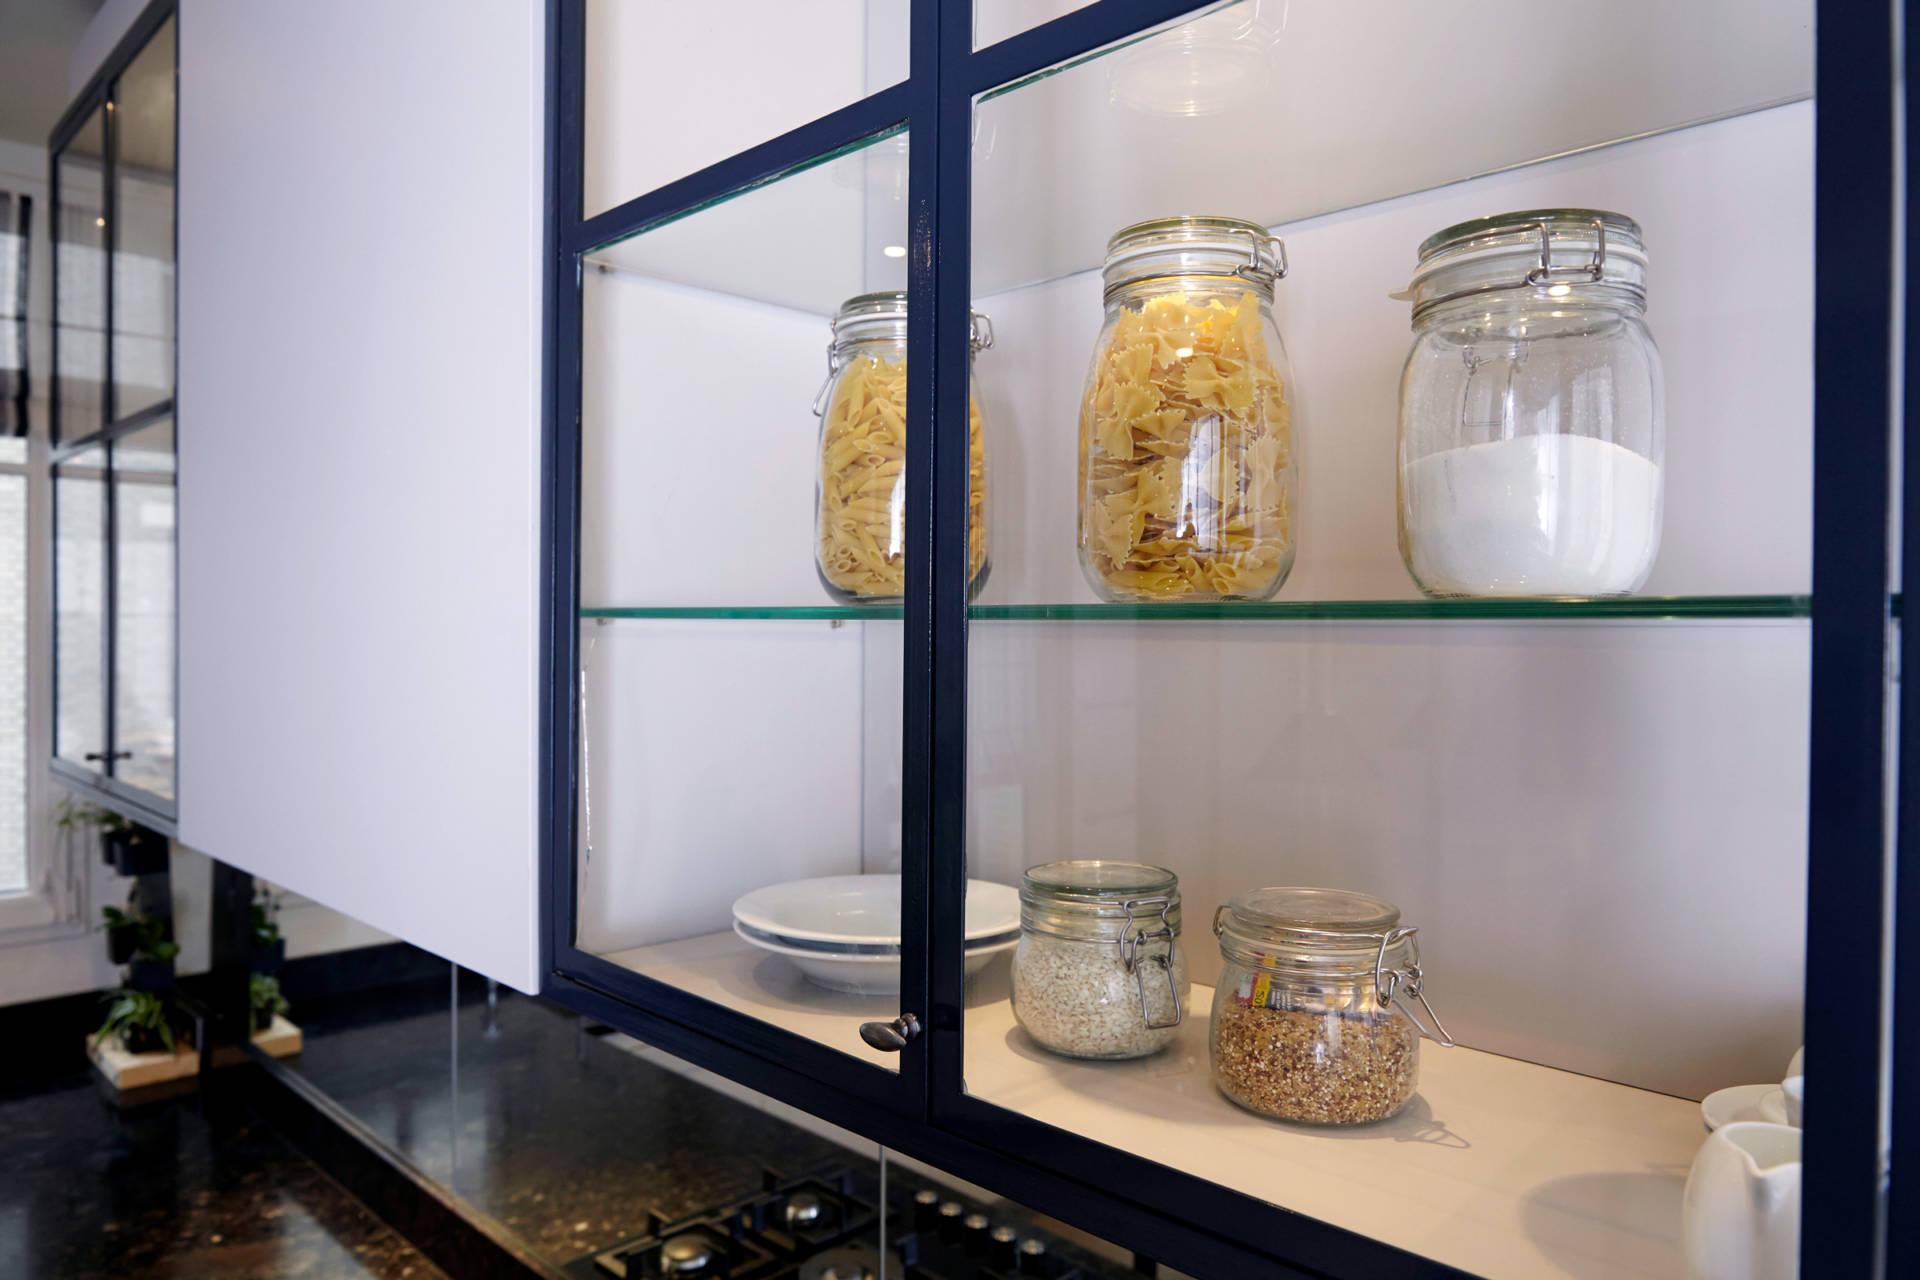 Cuisine à la Française avec son office à Neuilly sur Seine - Les vitrines de verre et métal noir, par Catherine Lefret, Architecte d'intérieur dans les Yvelines et Hauts de Seine, 78 92